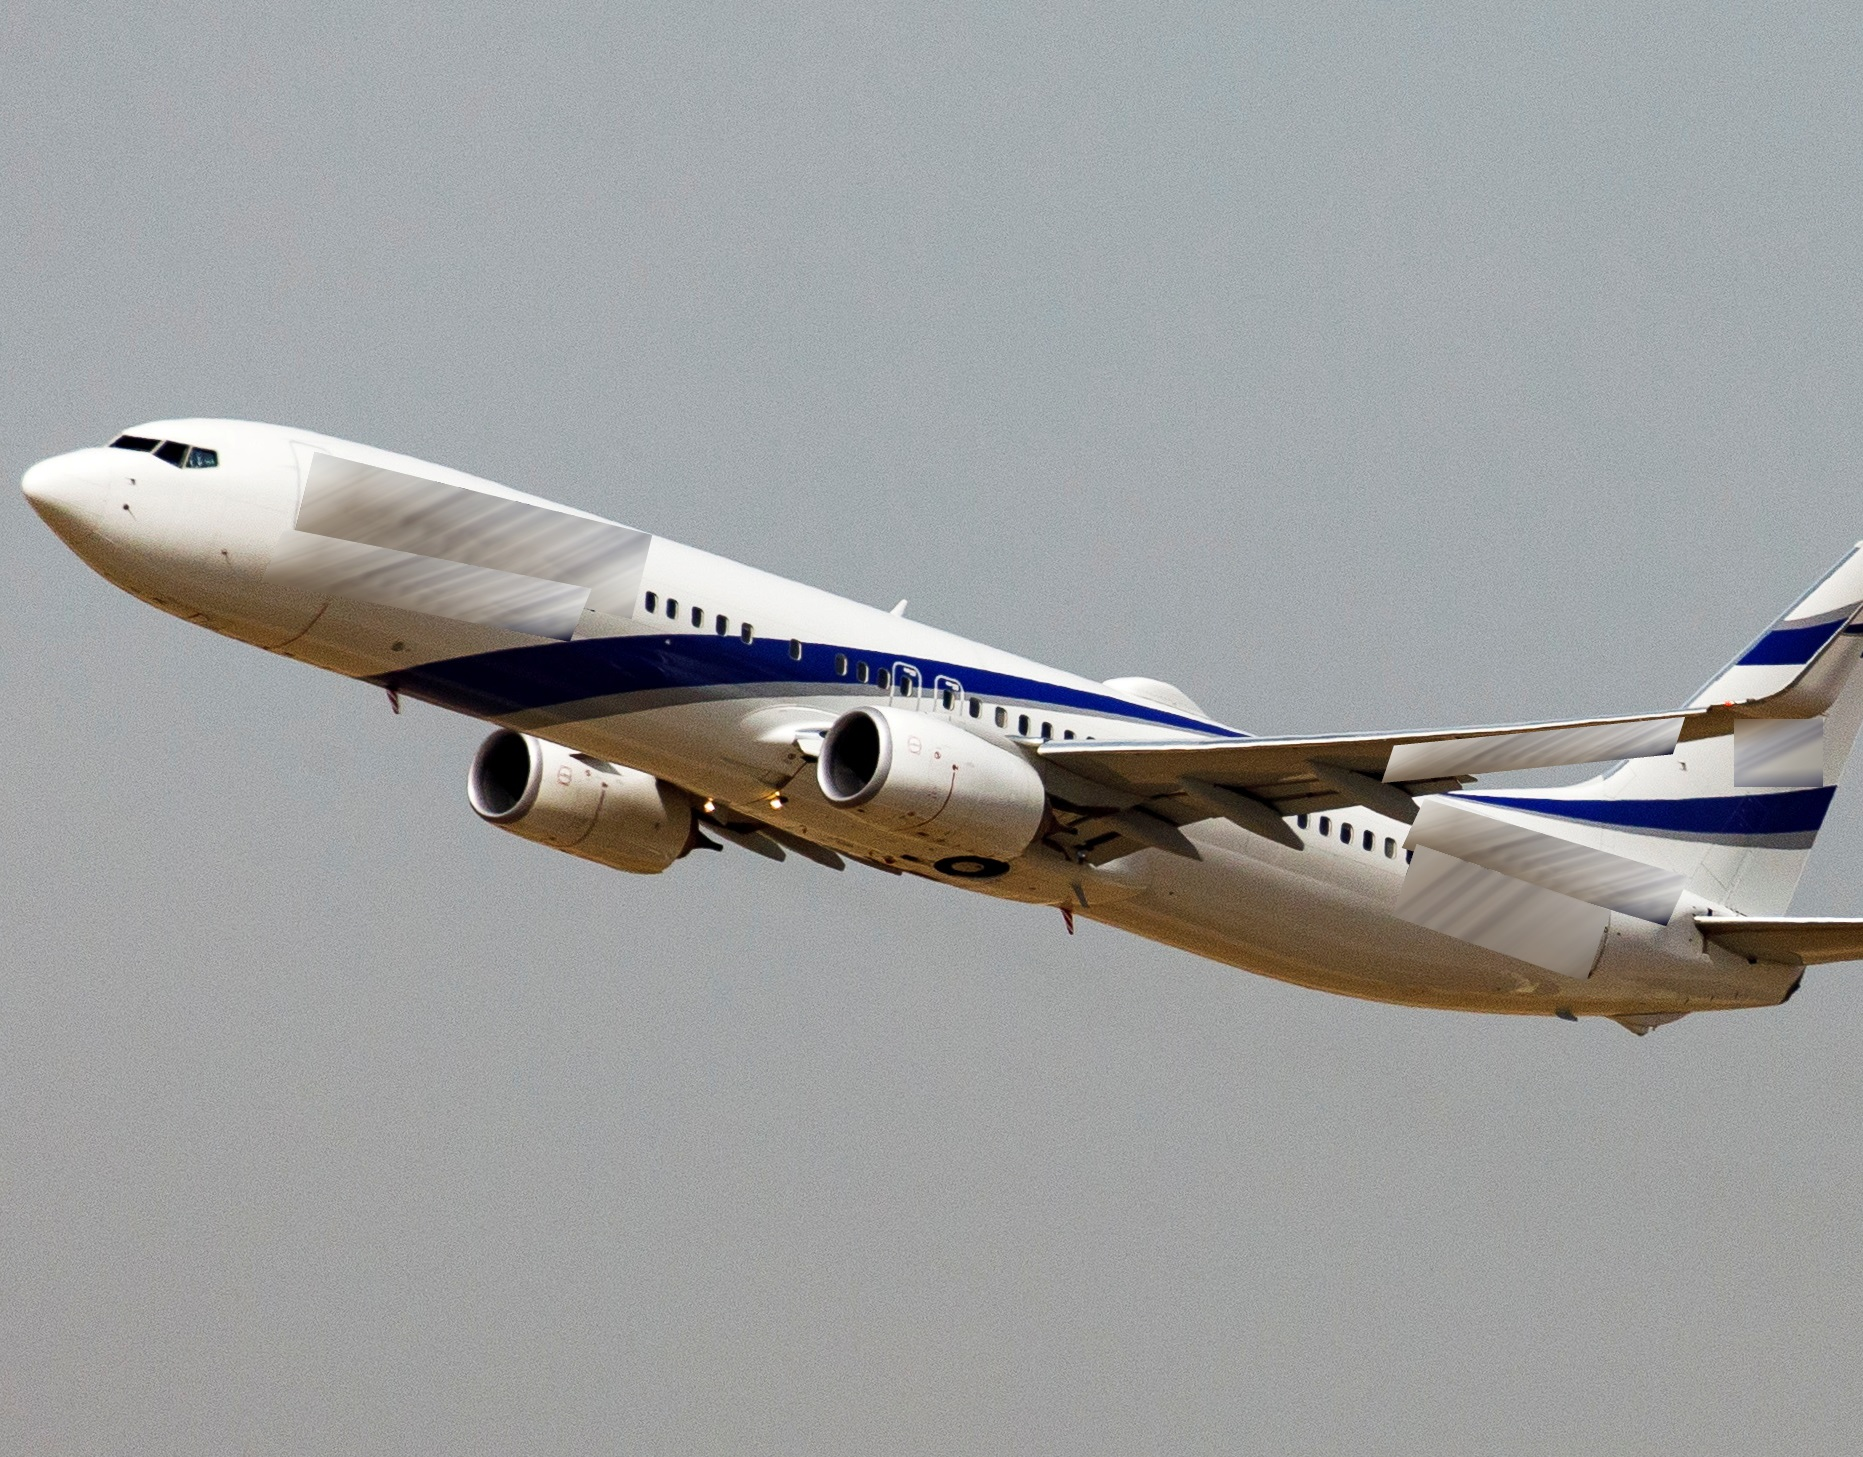 Ρωσία: Επιβατικό αεροσκάφος Boeing βγήκε από τον διάδρομο αεροδρομίου της Κριμαίας